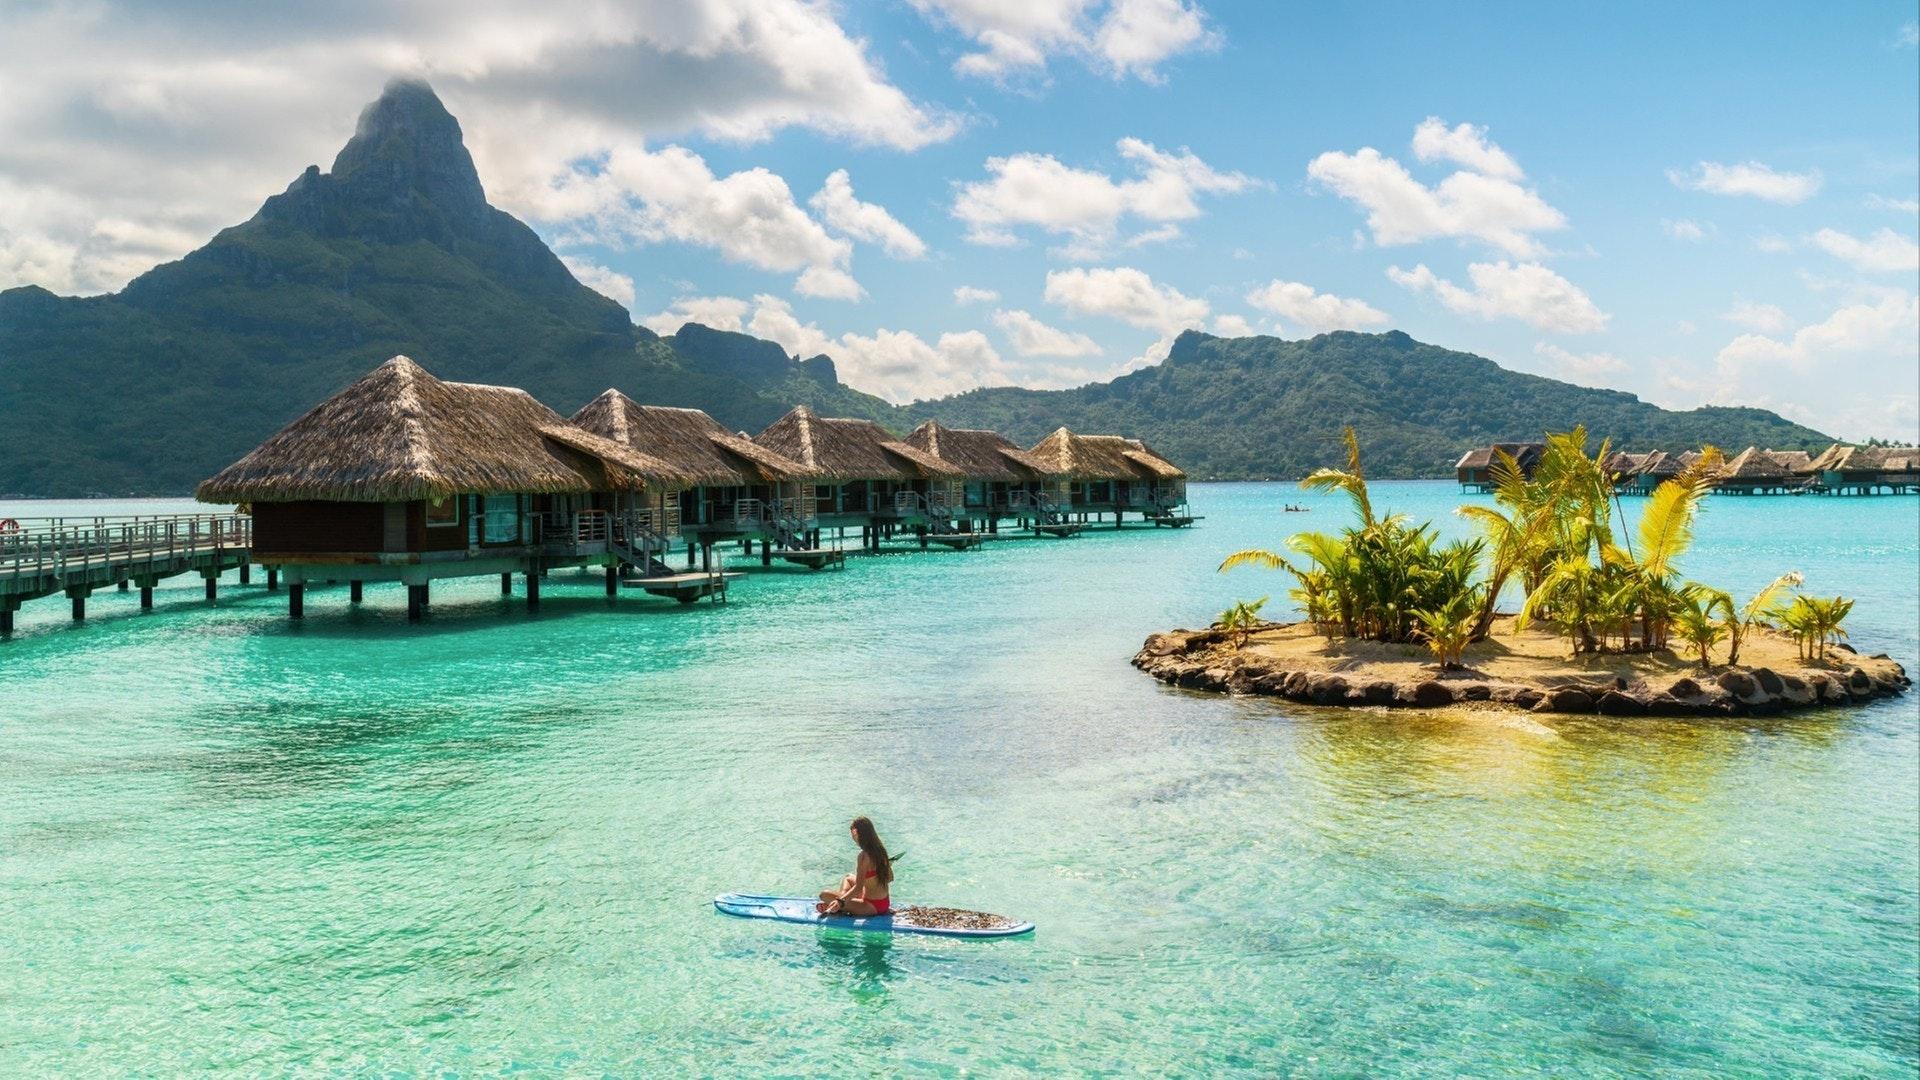 フランス領ポリネシア、ボラボラのタヒチ高級リゾートホテル